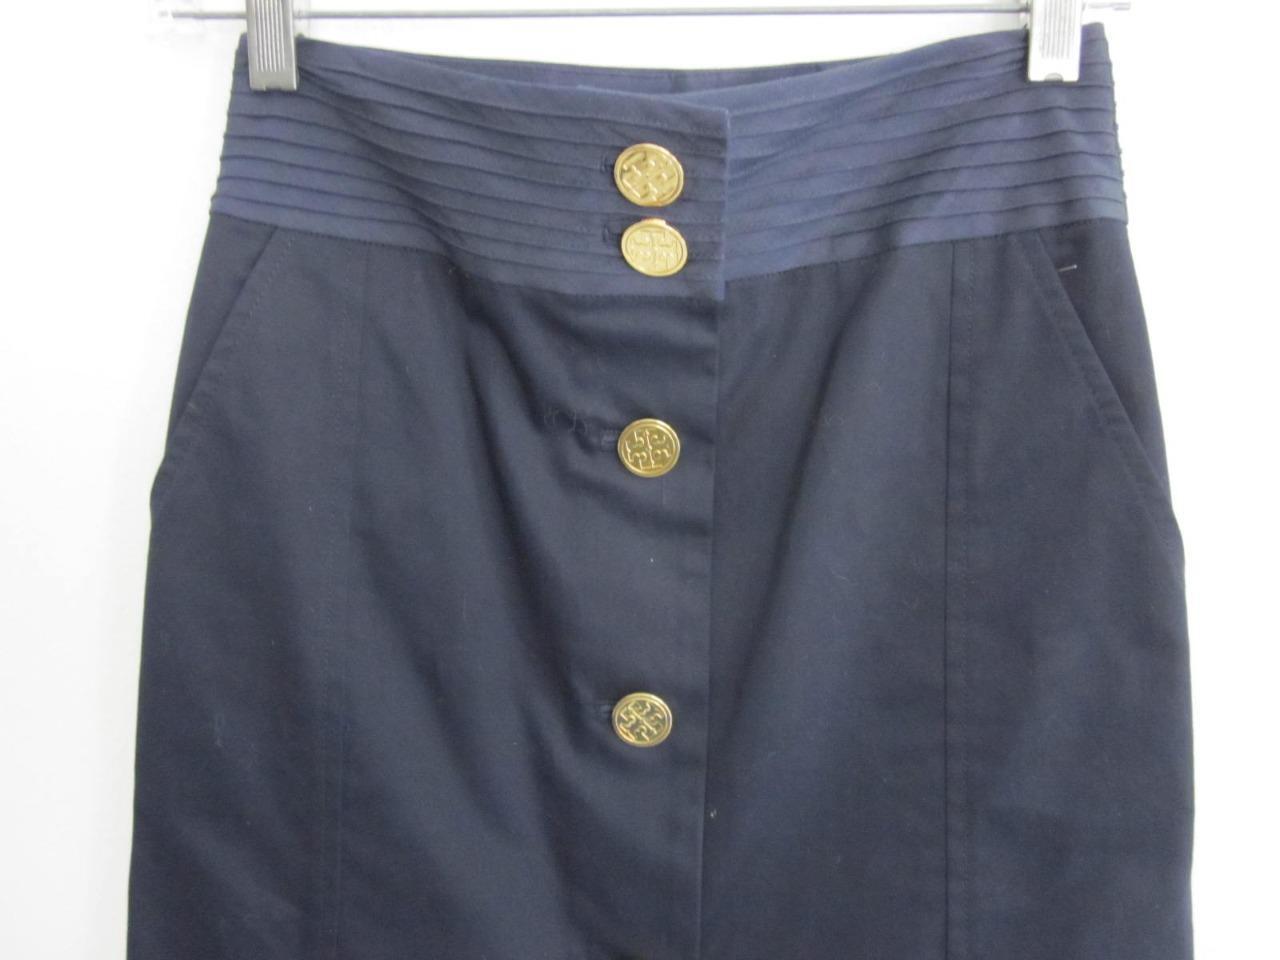 Tory Burch Navy with gold Logo Buttons Cotton Skirt Sz 2 NWOT 26  Waist